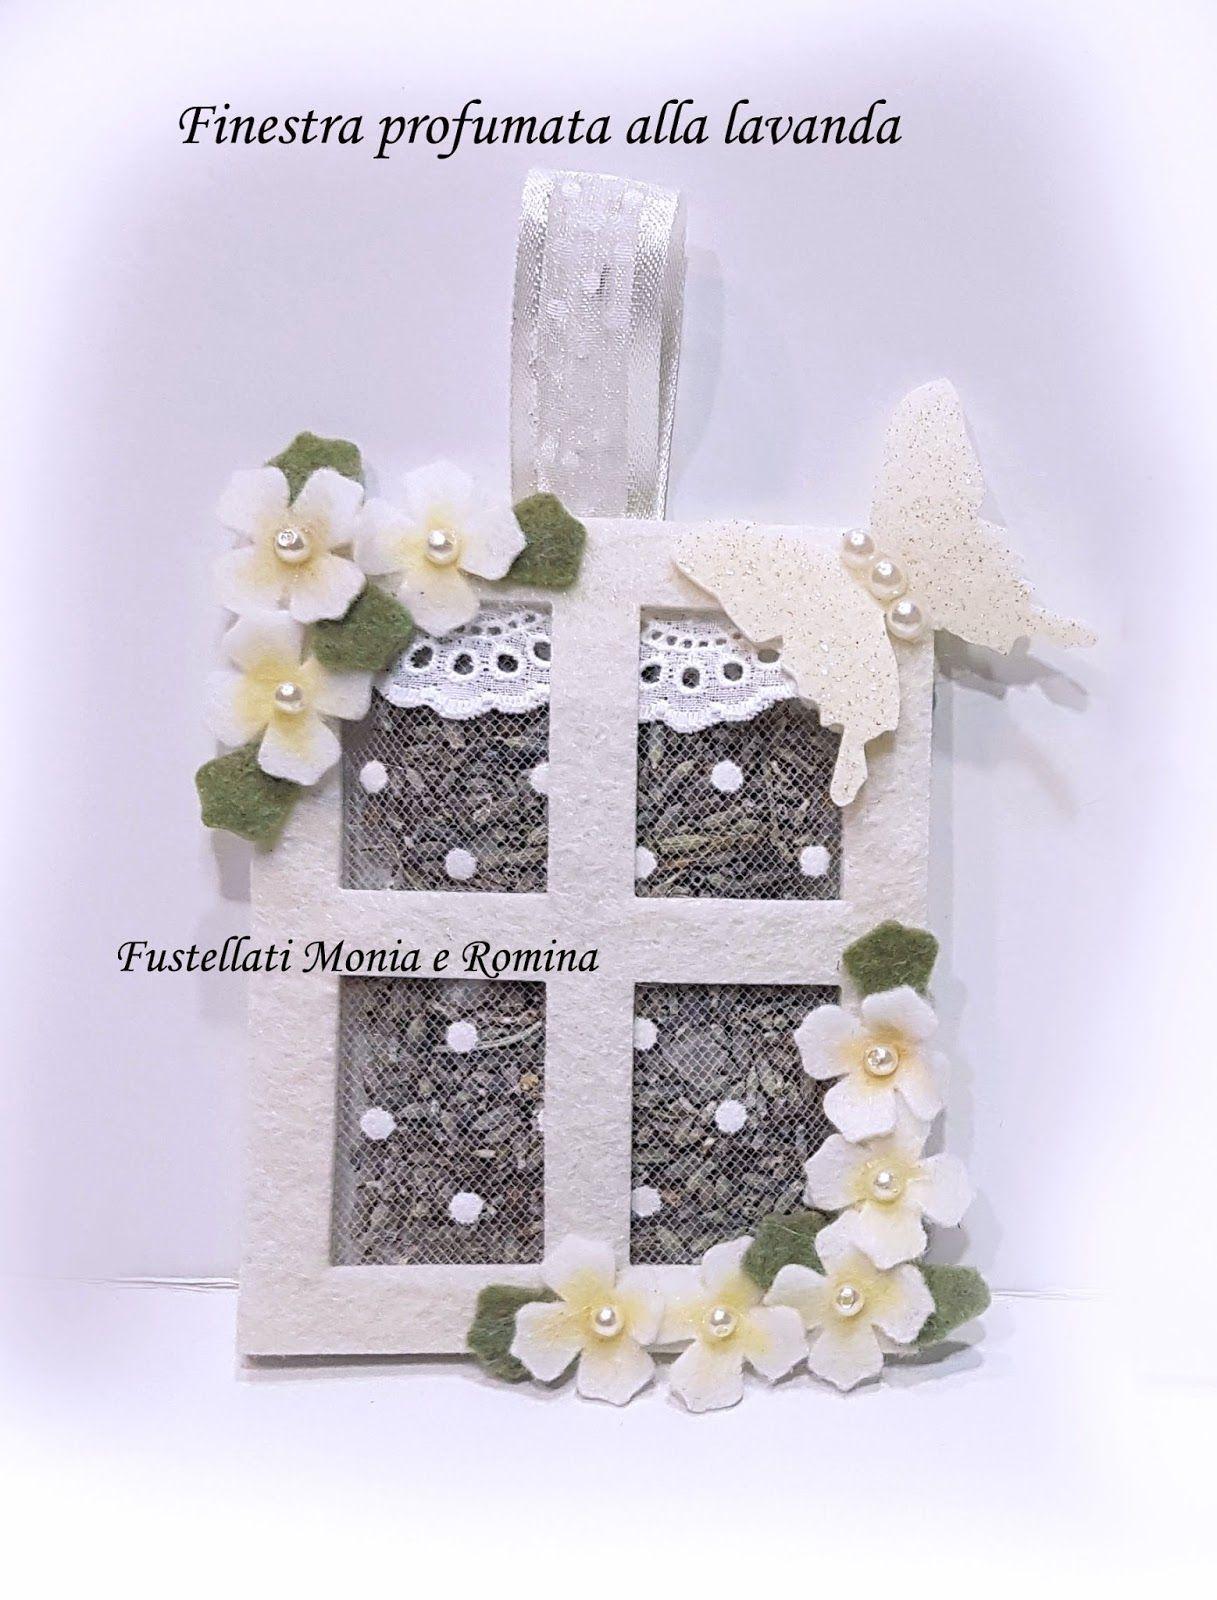 Bomboniera profumata tema farfalle fiori originale feltro finestra fai da te economica lavanda - Fiori da finestra ...